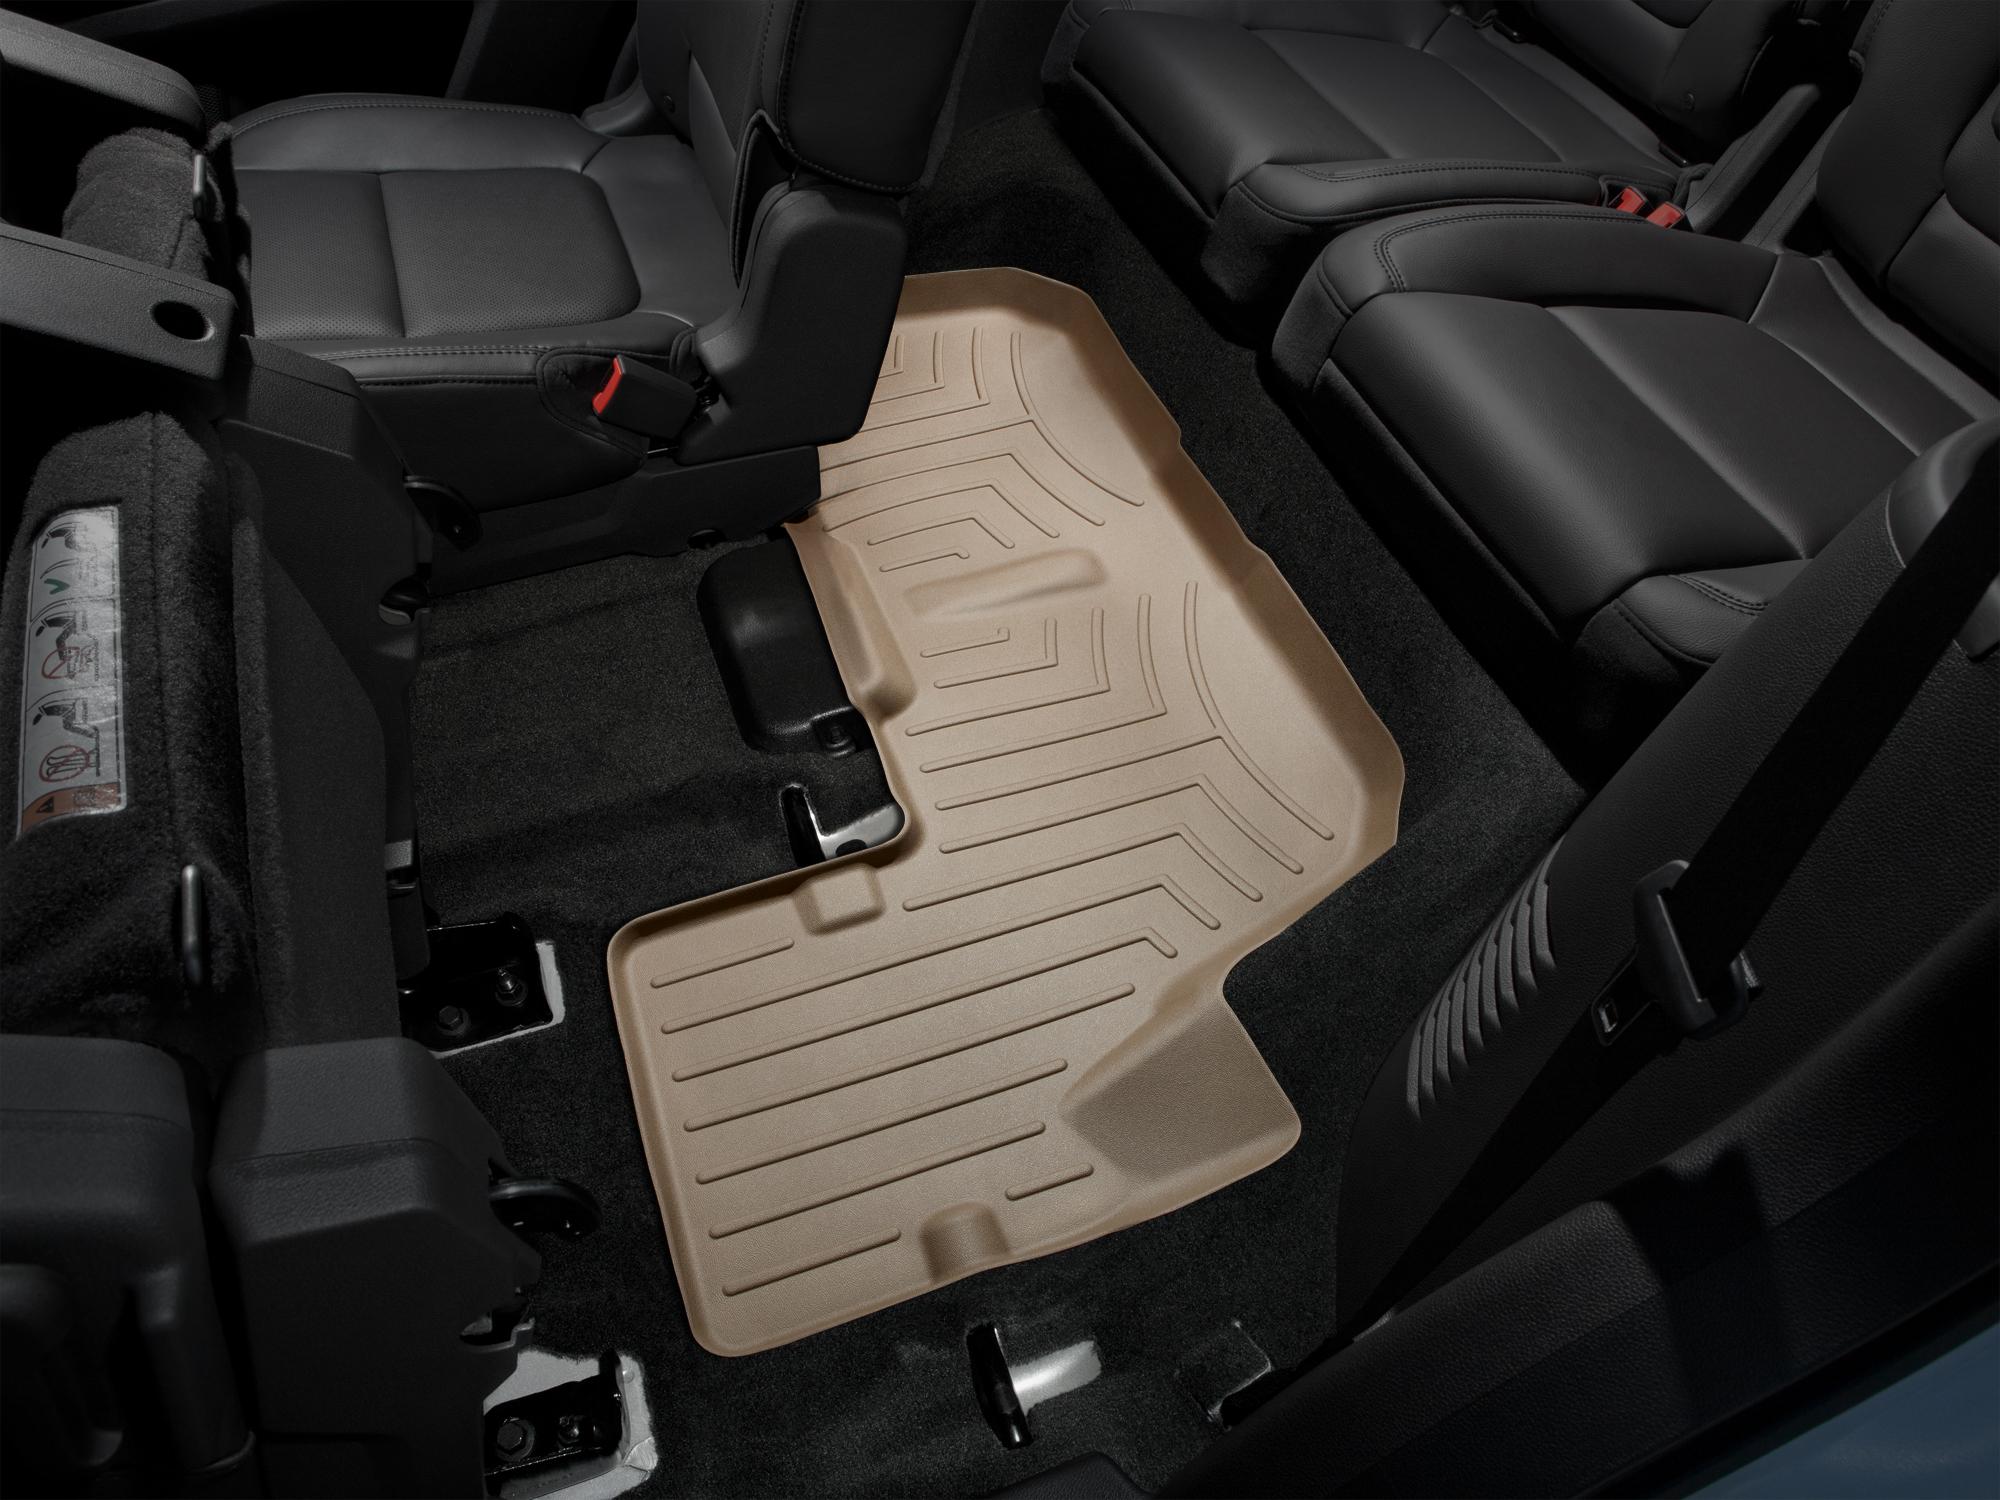 Tappeti gomma su misura bordo alto Ford Explorer 11>17 Marrone A875*